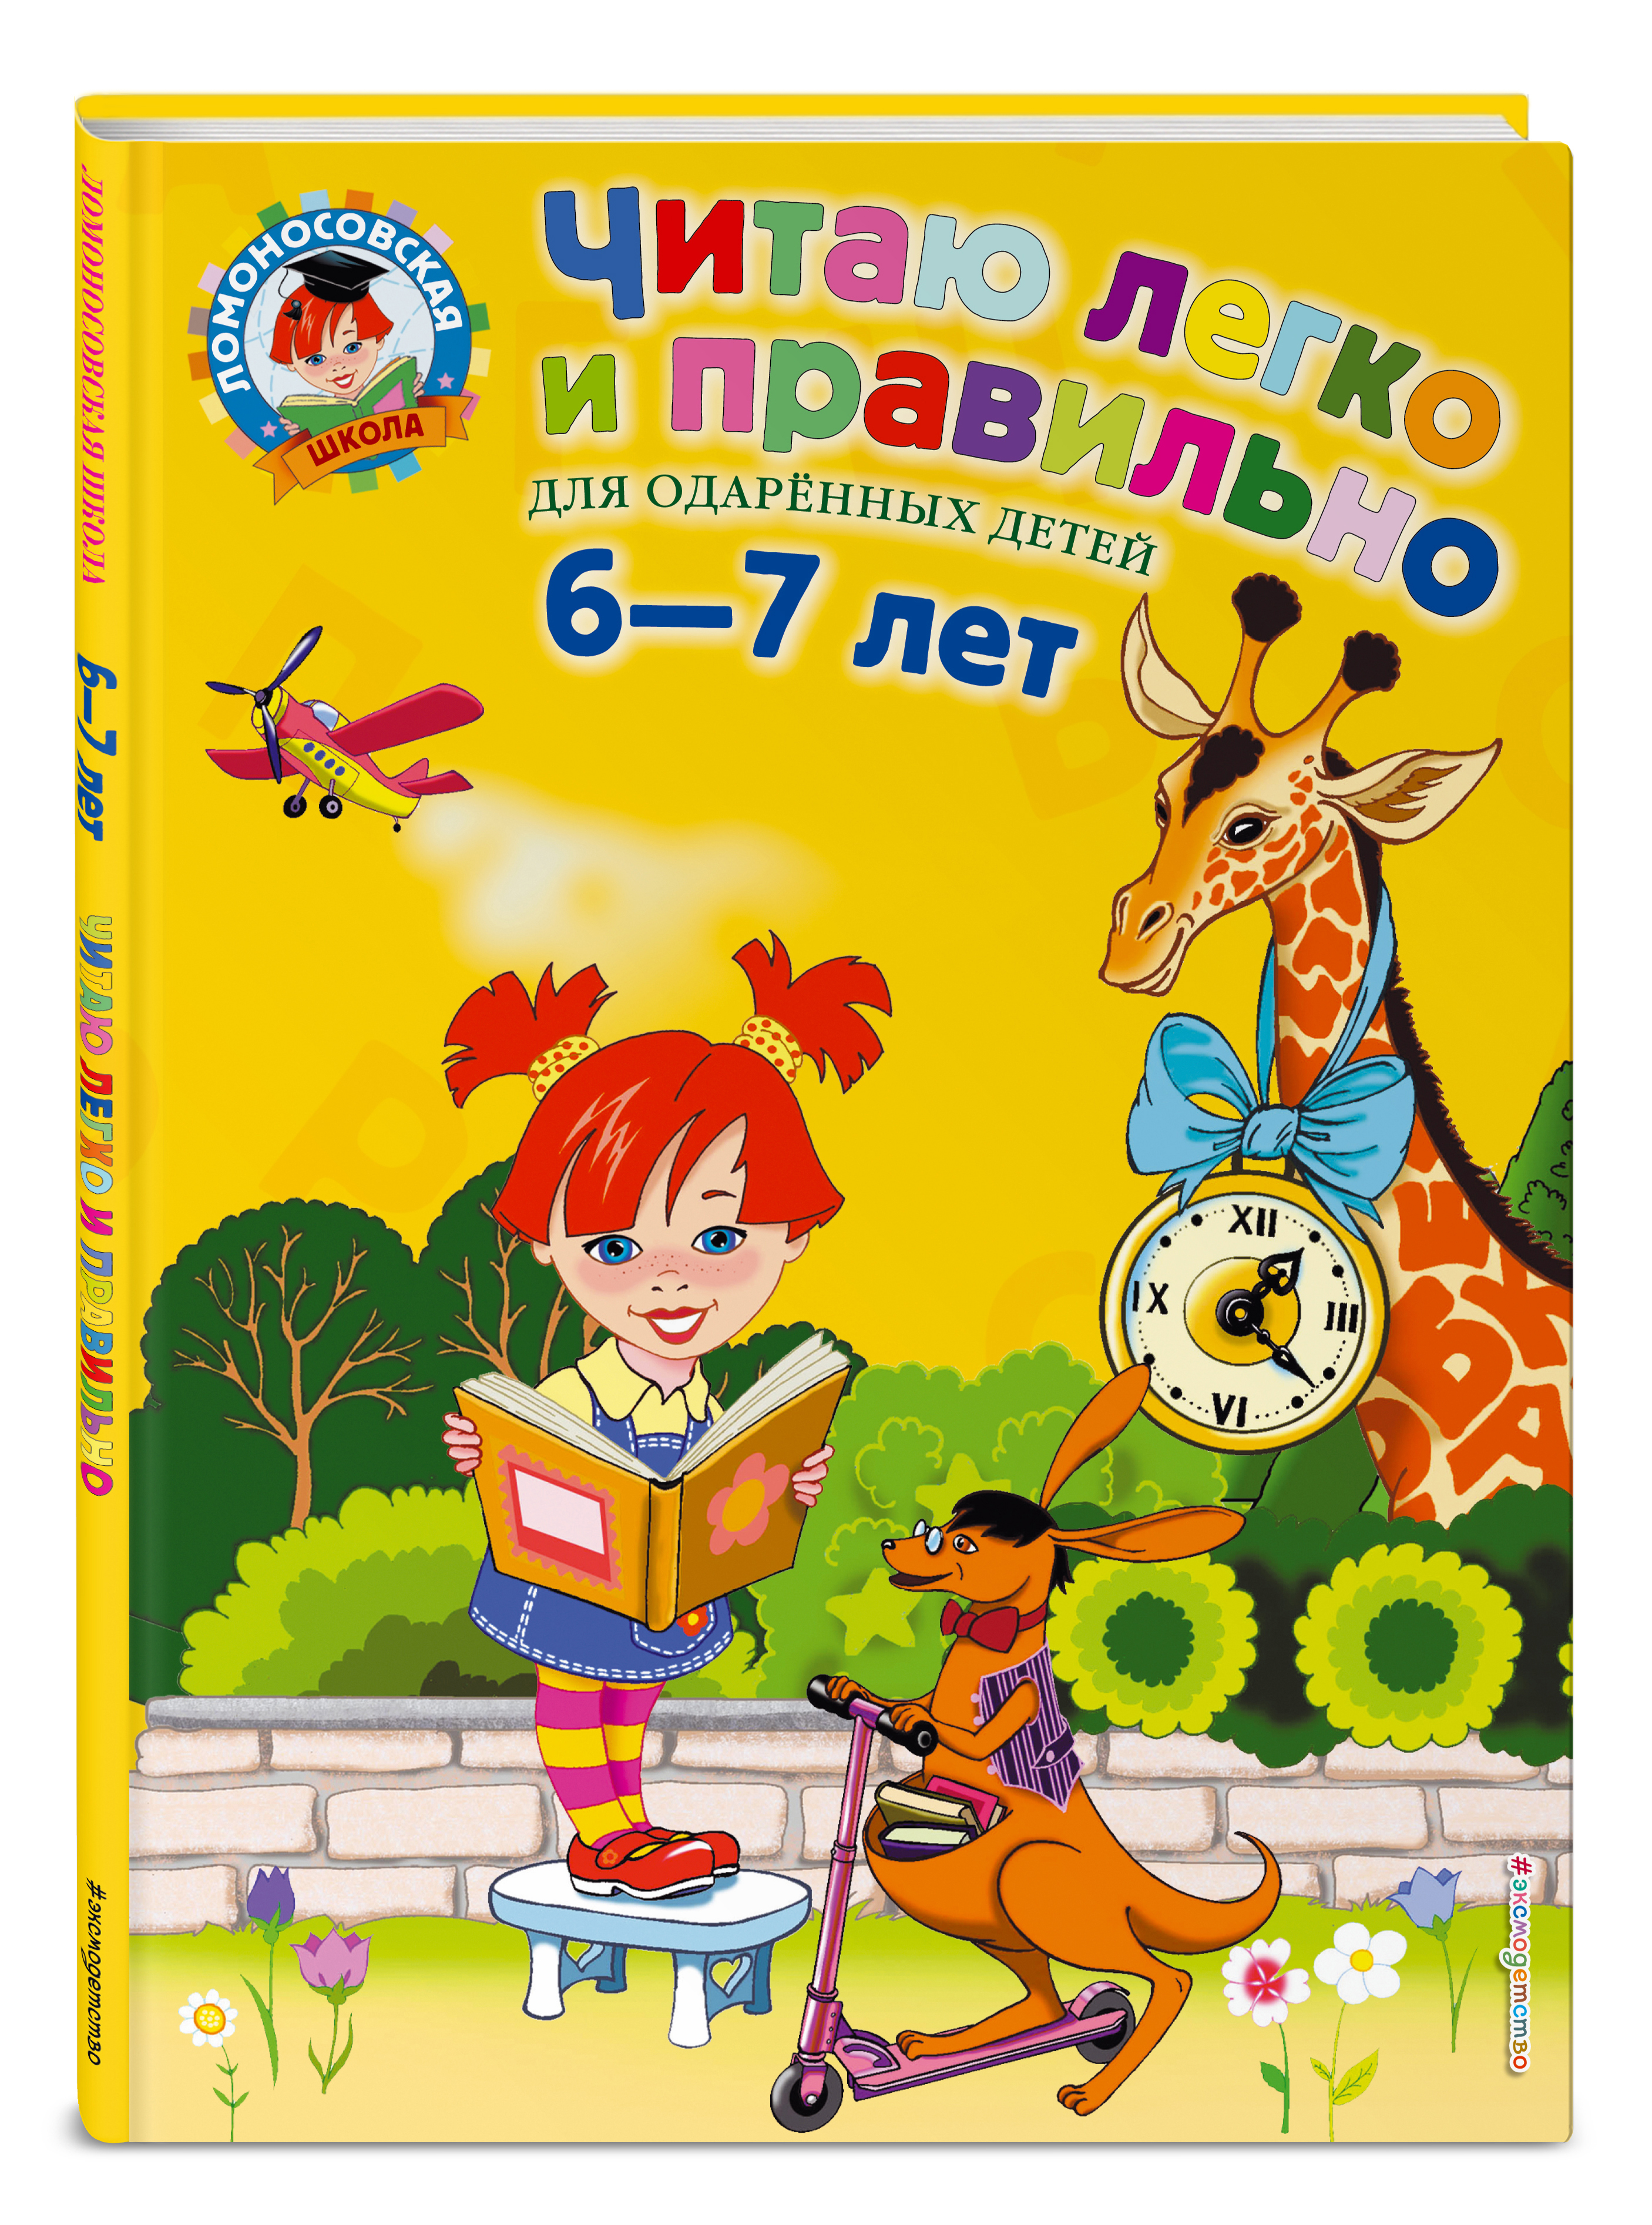 Пьянкова Е.А., Родионова Е.А. Читаю легко и правильно: для детей 6-7 лет эксмо читаю слова и предложения для детей 6 7 лет